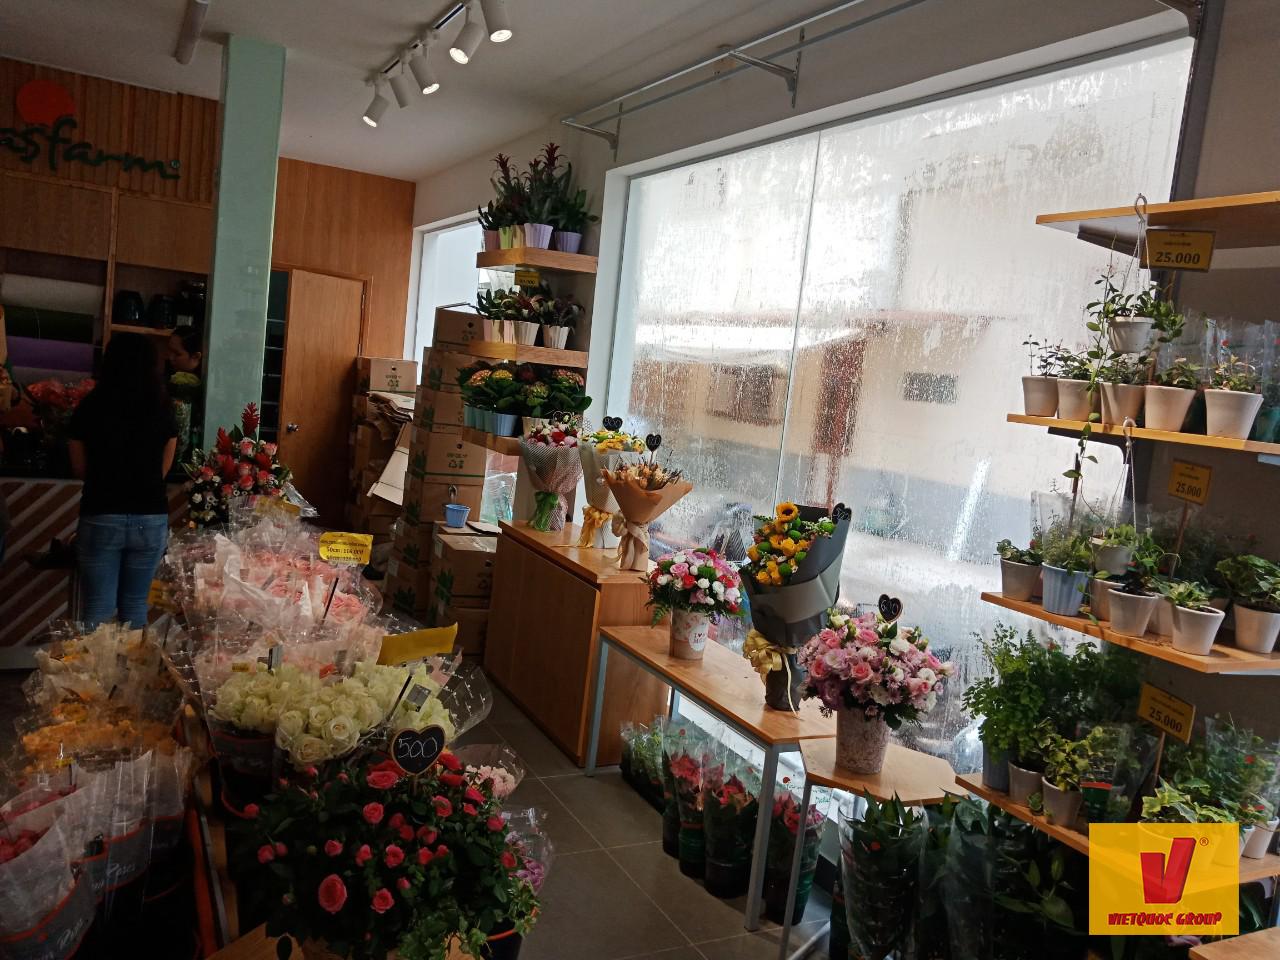 Thiết kế cải tạo shop hoa tươi